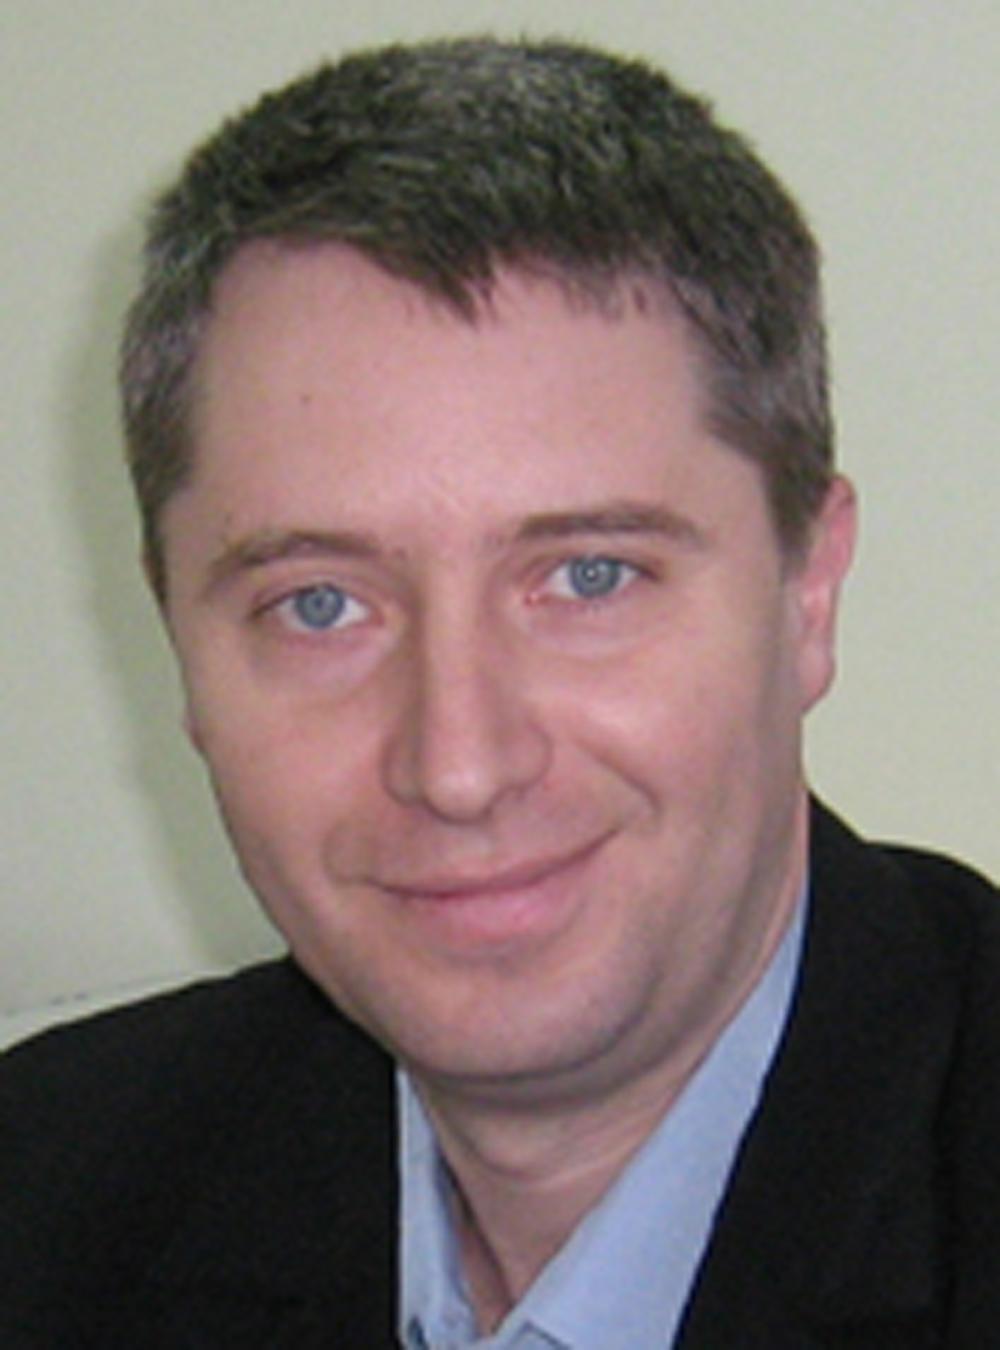 Ing. Laurenţiu-Daniel Ruşinoiu îl înlocuieşte la cârma Vard Tulcea pe ing. Tudorel Ţopa